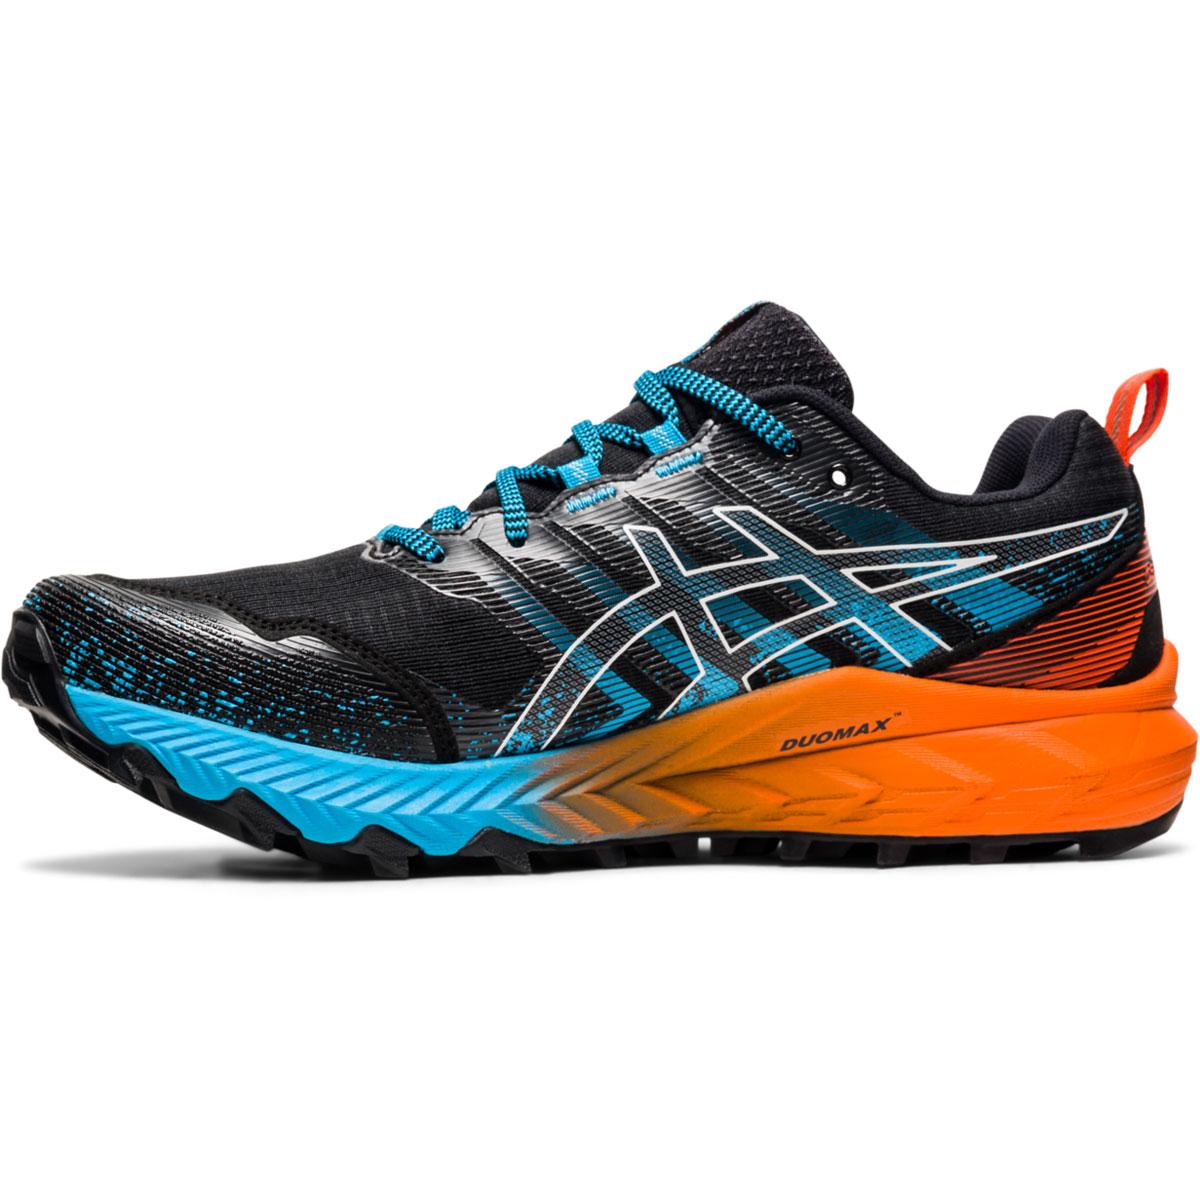 Men's Asics Gel-Trabuco 9 Running Shoe - Color: Orange/Blue/Black - Size: 7 - Width: Regular, Orange/Blue/Black, large, image 2